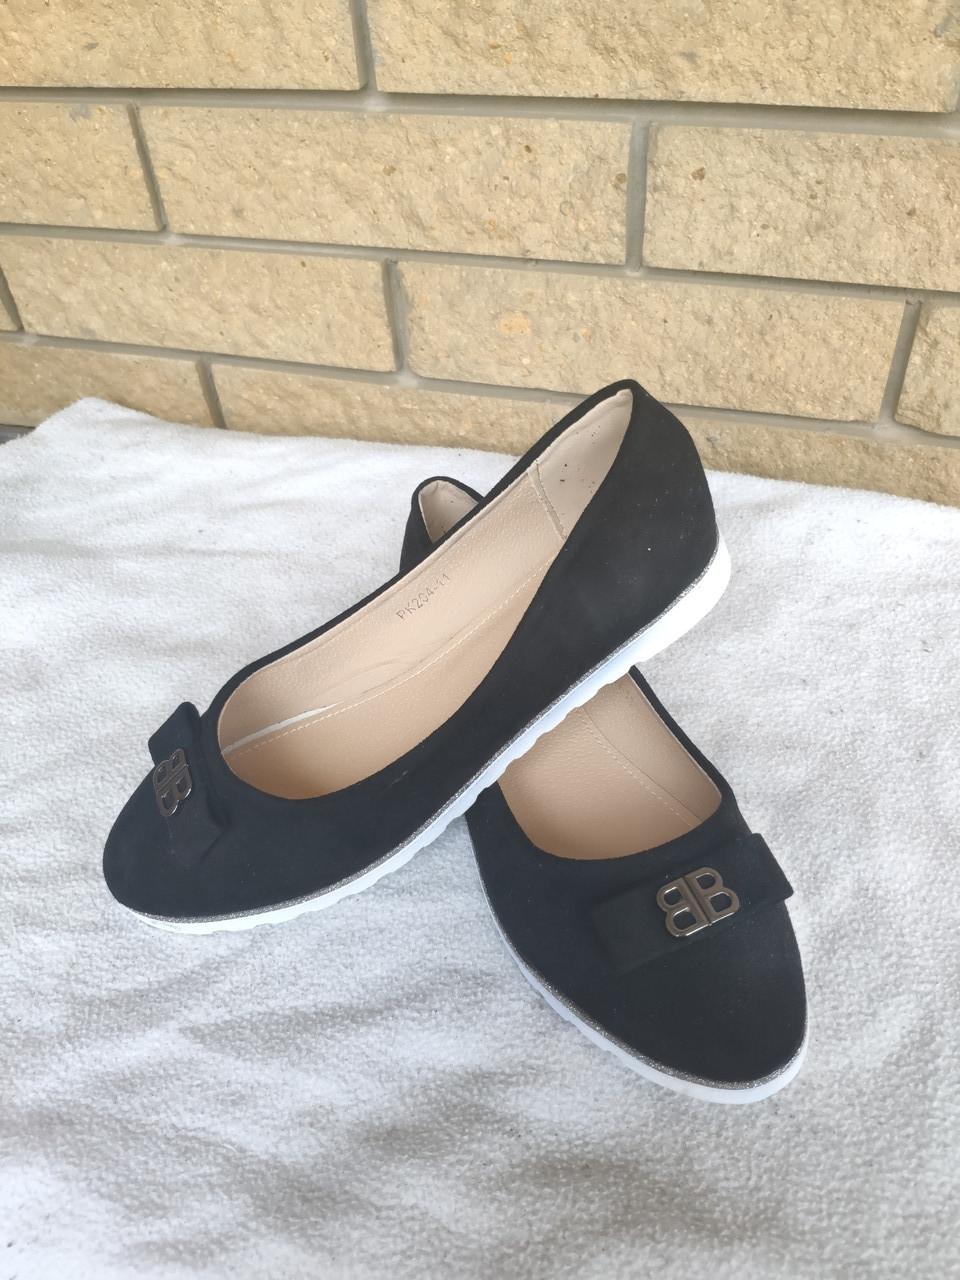 Балетки, туфли, эспадрильи женские больших размеров на широкую ногу BOMBA